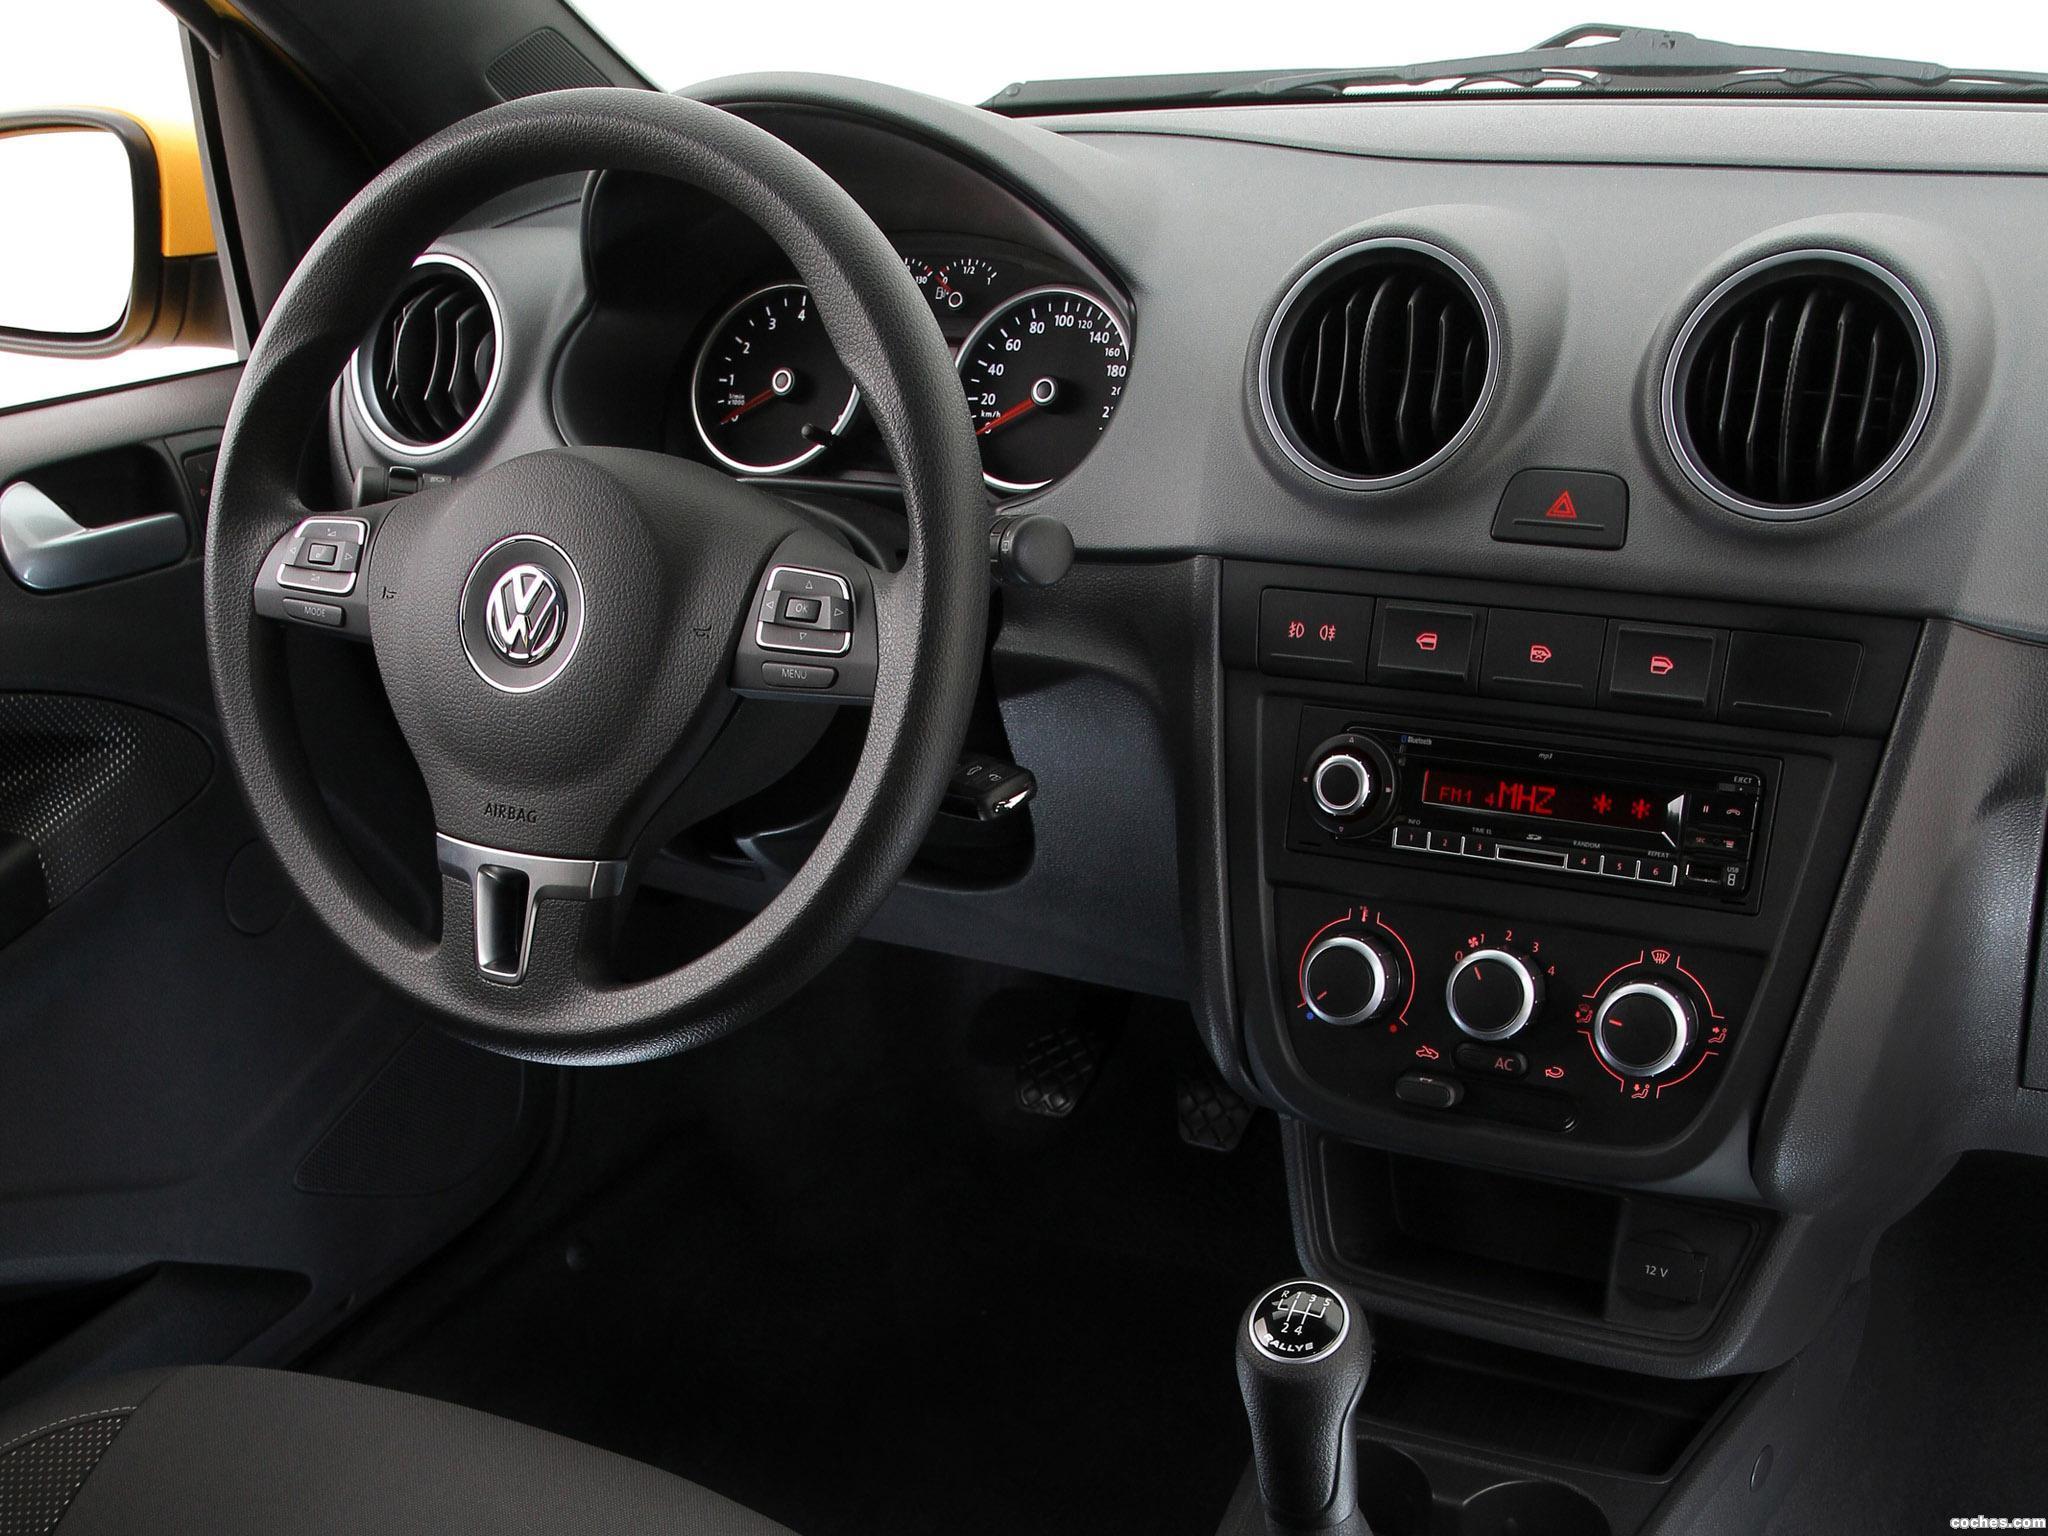 Foto 9 de Volkswagen Gol Rallye 2010-2012